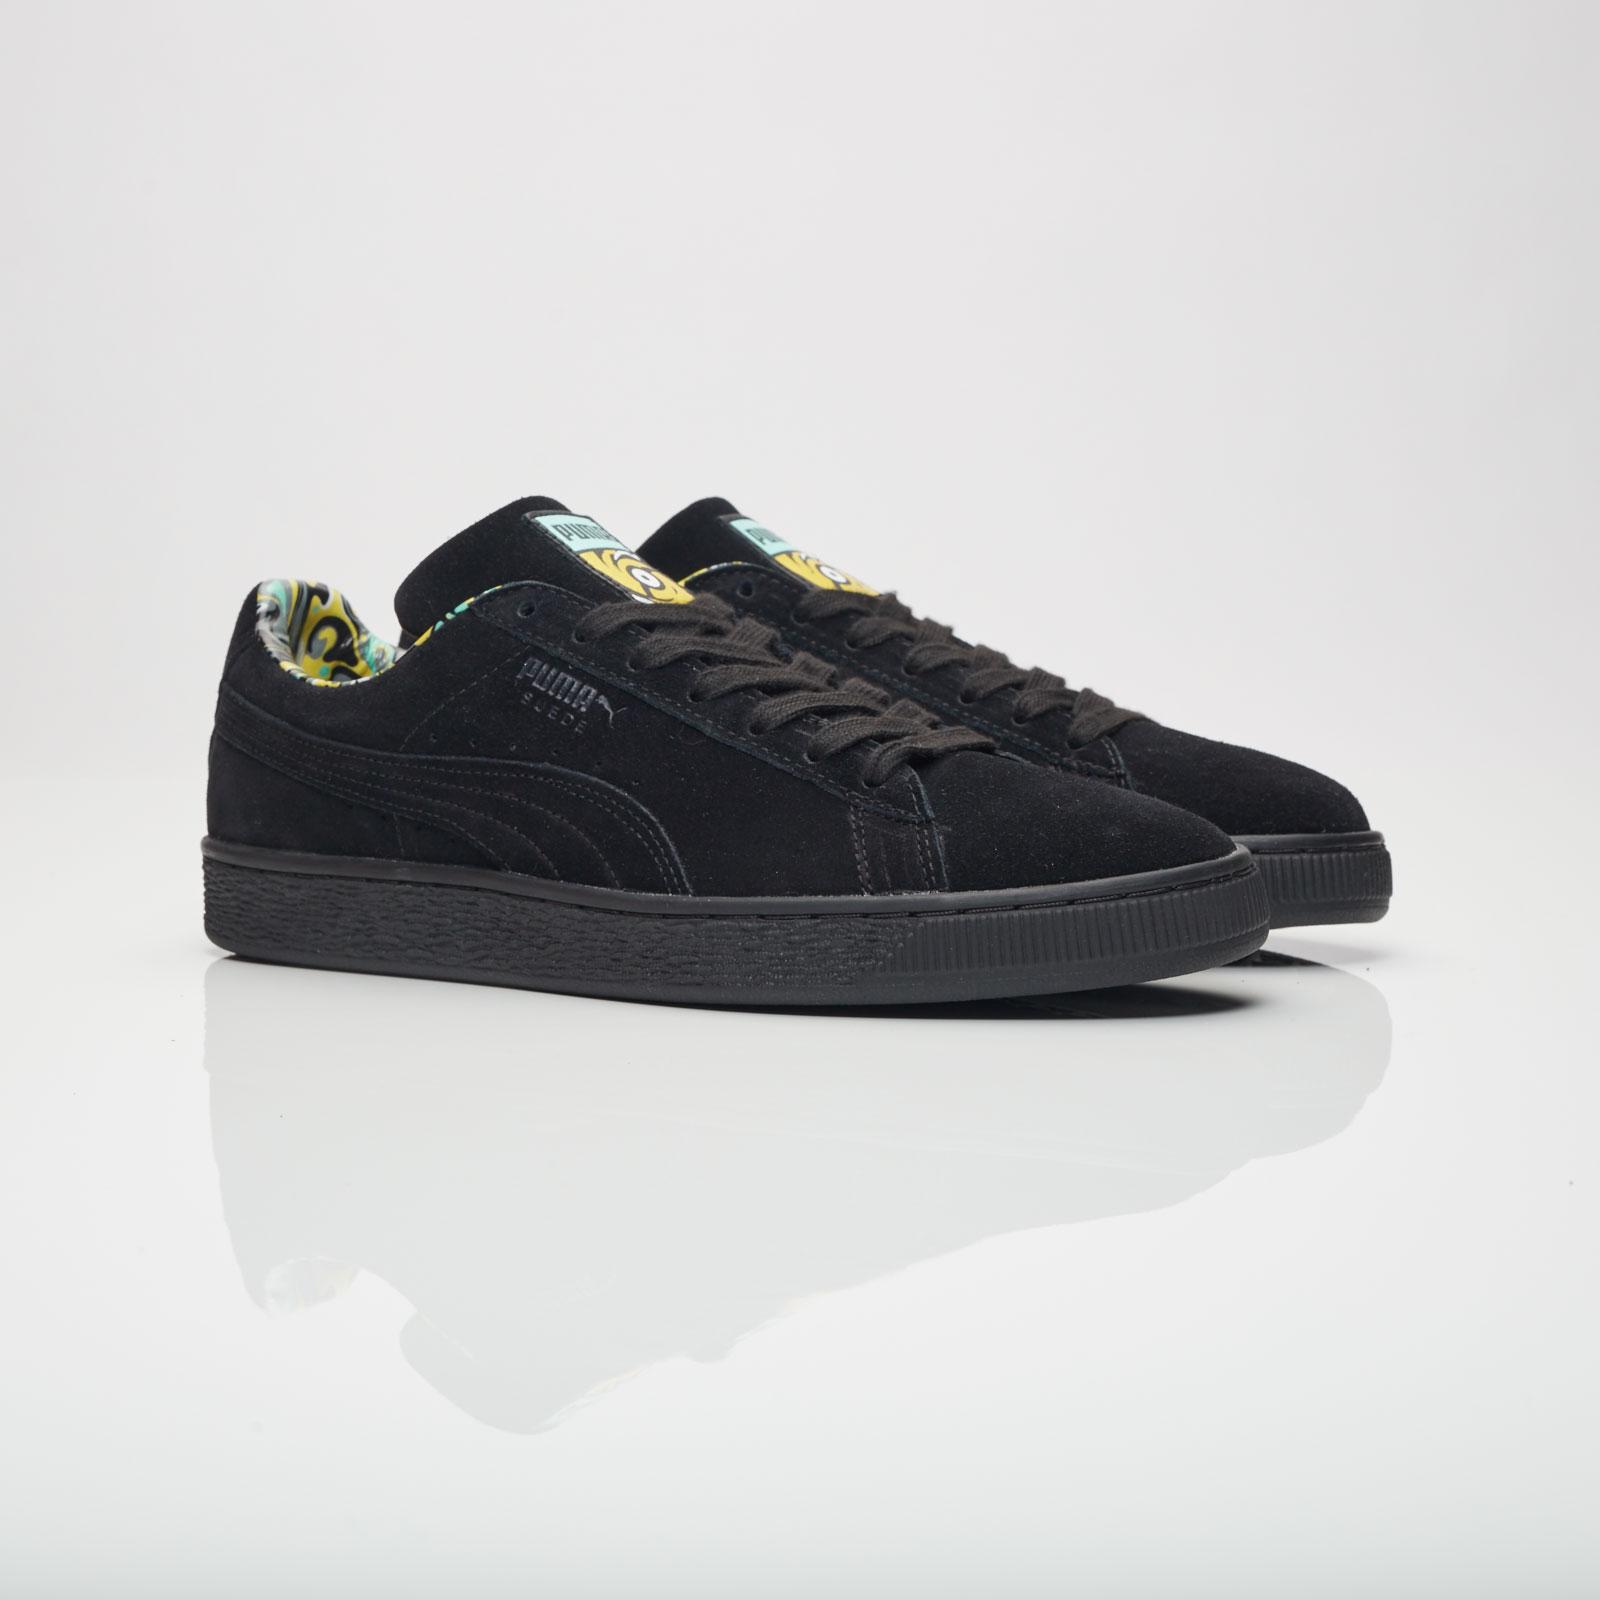 6f43339e6fa8 Puma X Minions Suede - 365668-01 - Sneakersnstuff